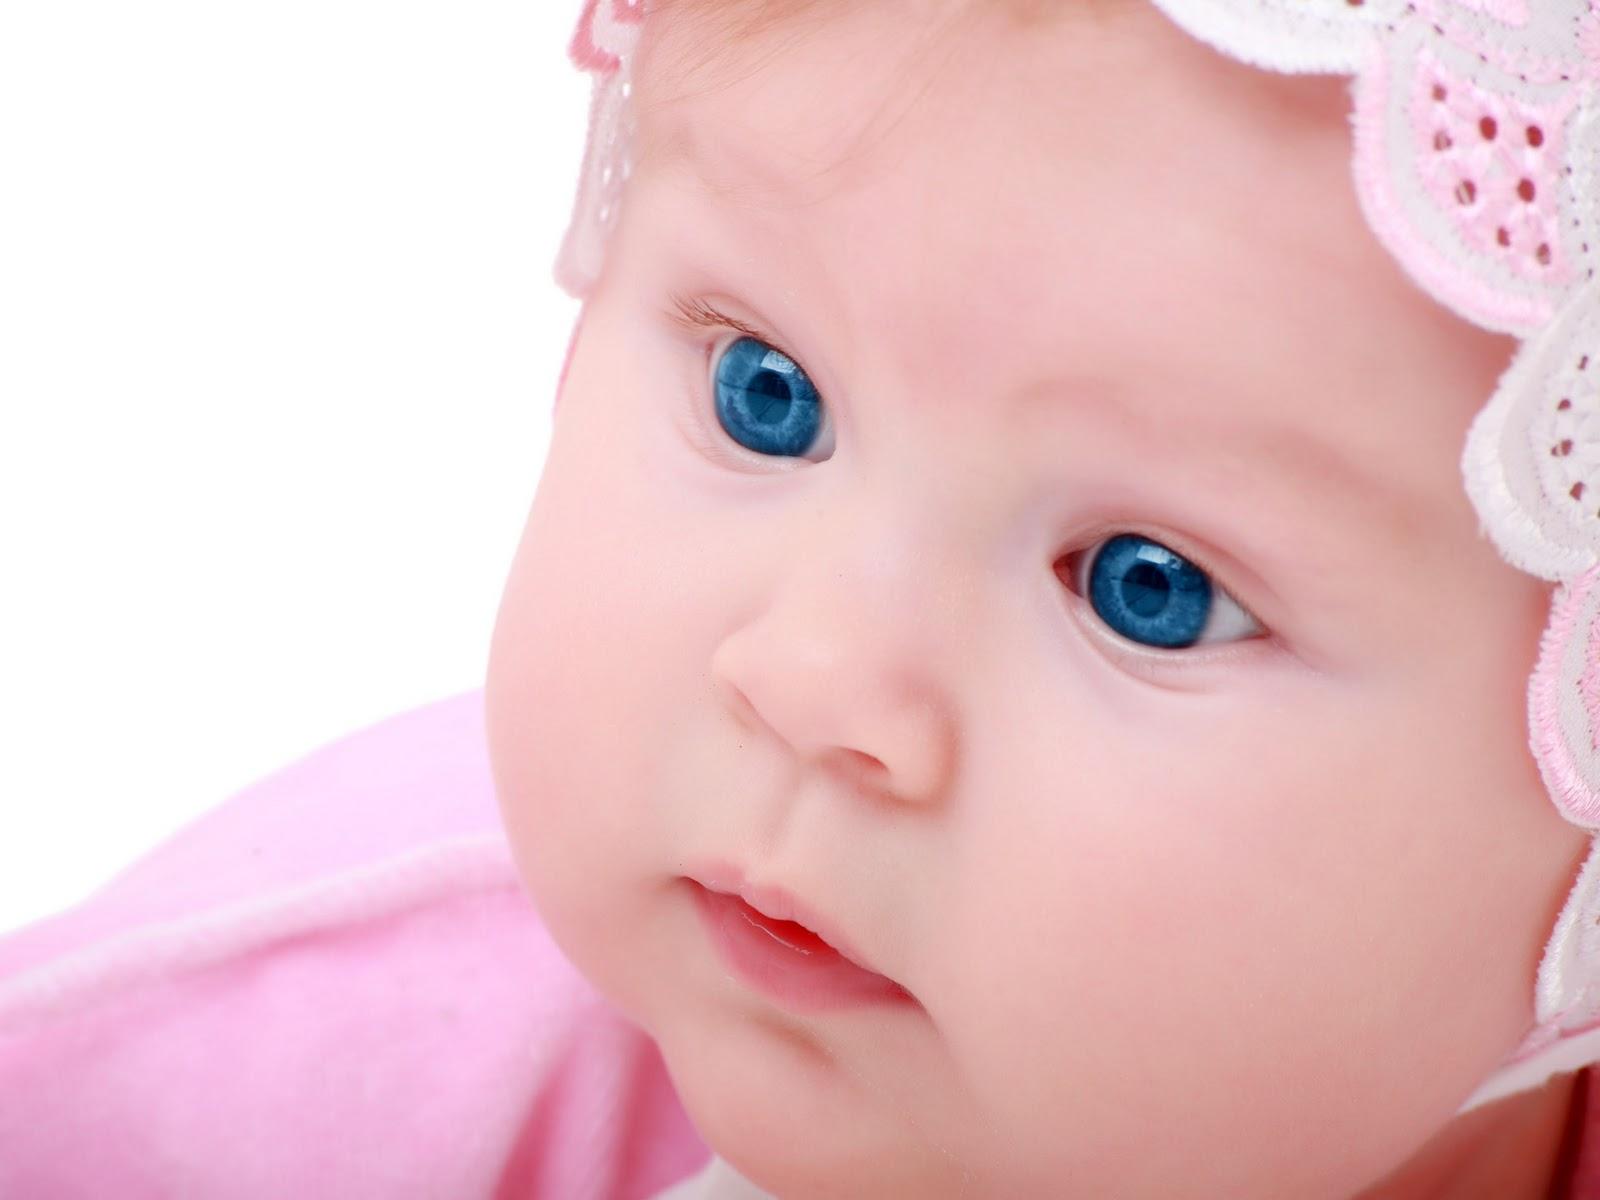 بالصور صور اطفال كول , لعشاق الاطفال وابتسامتهم 3933 6